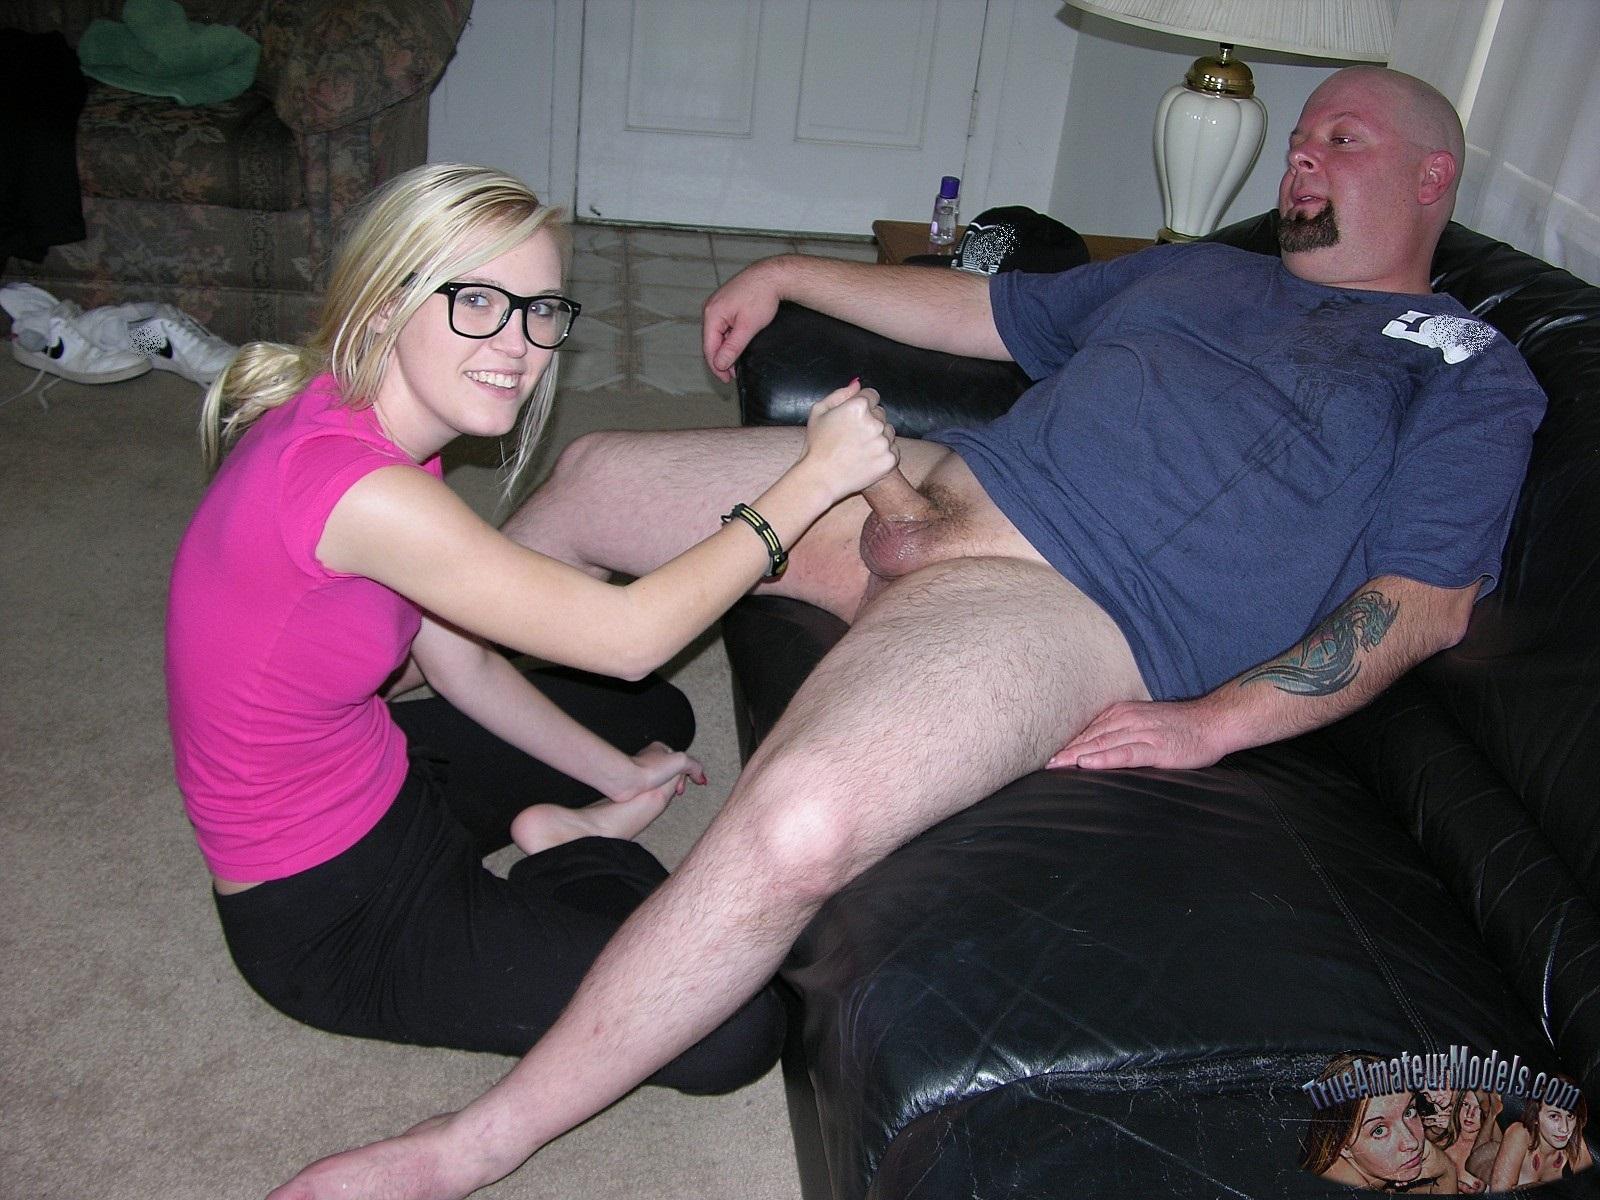 Natalie fiore bbw porn